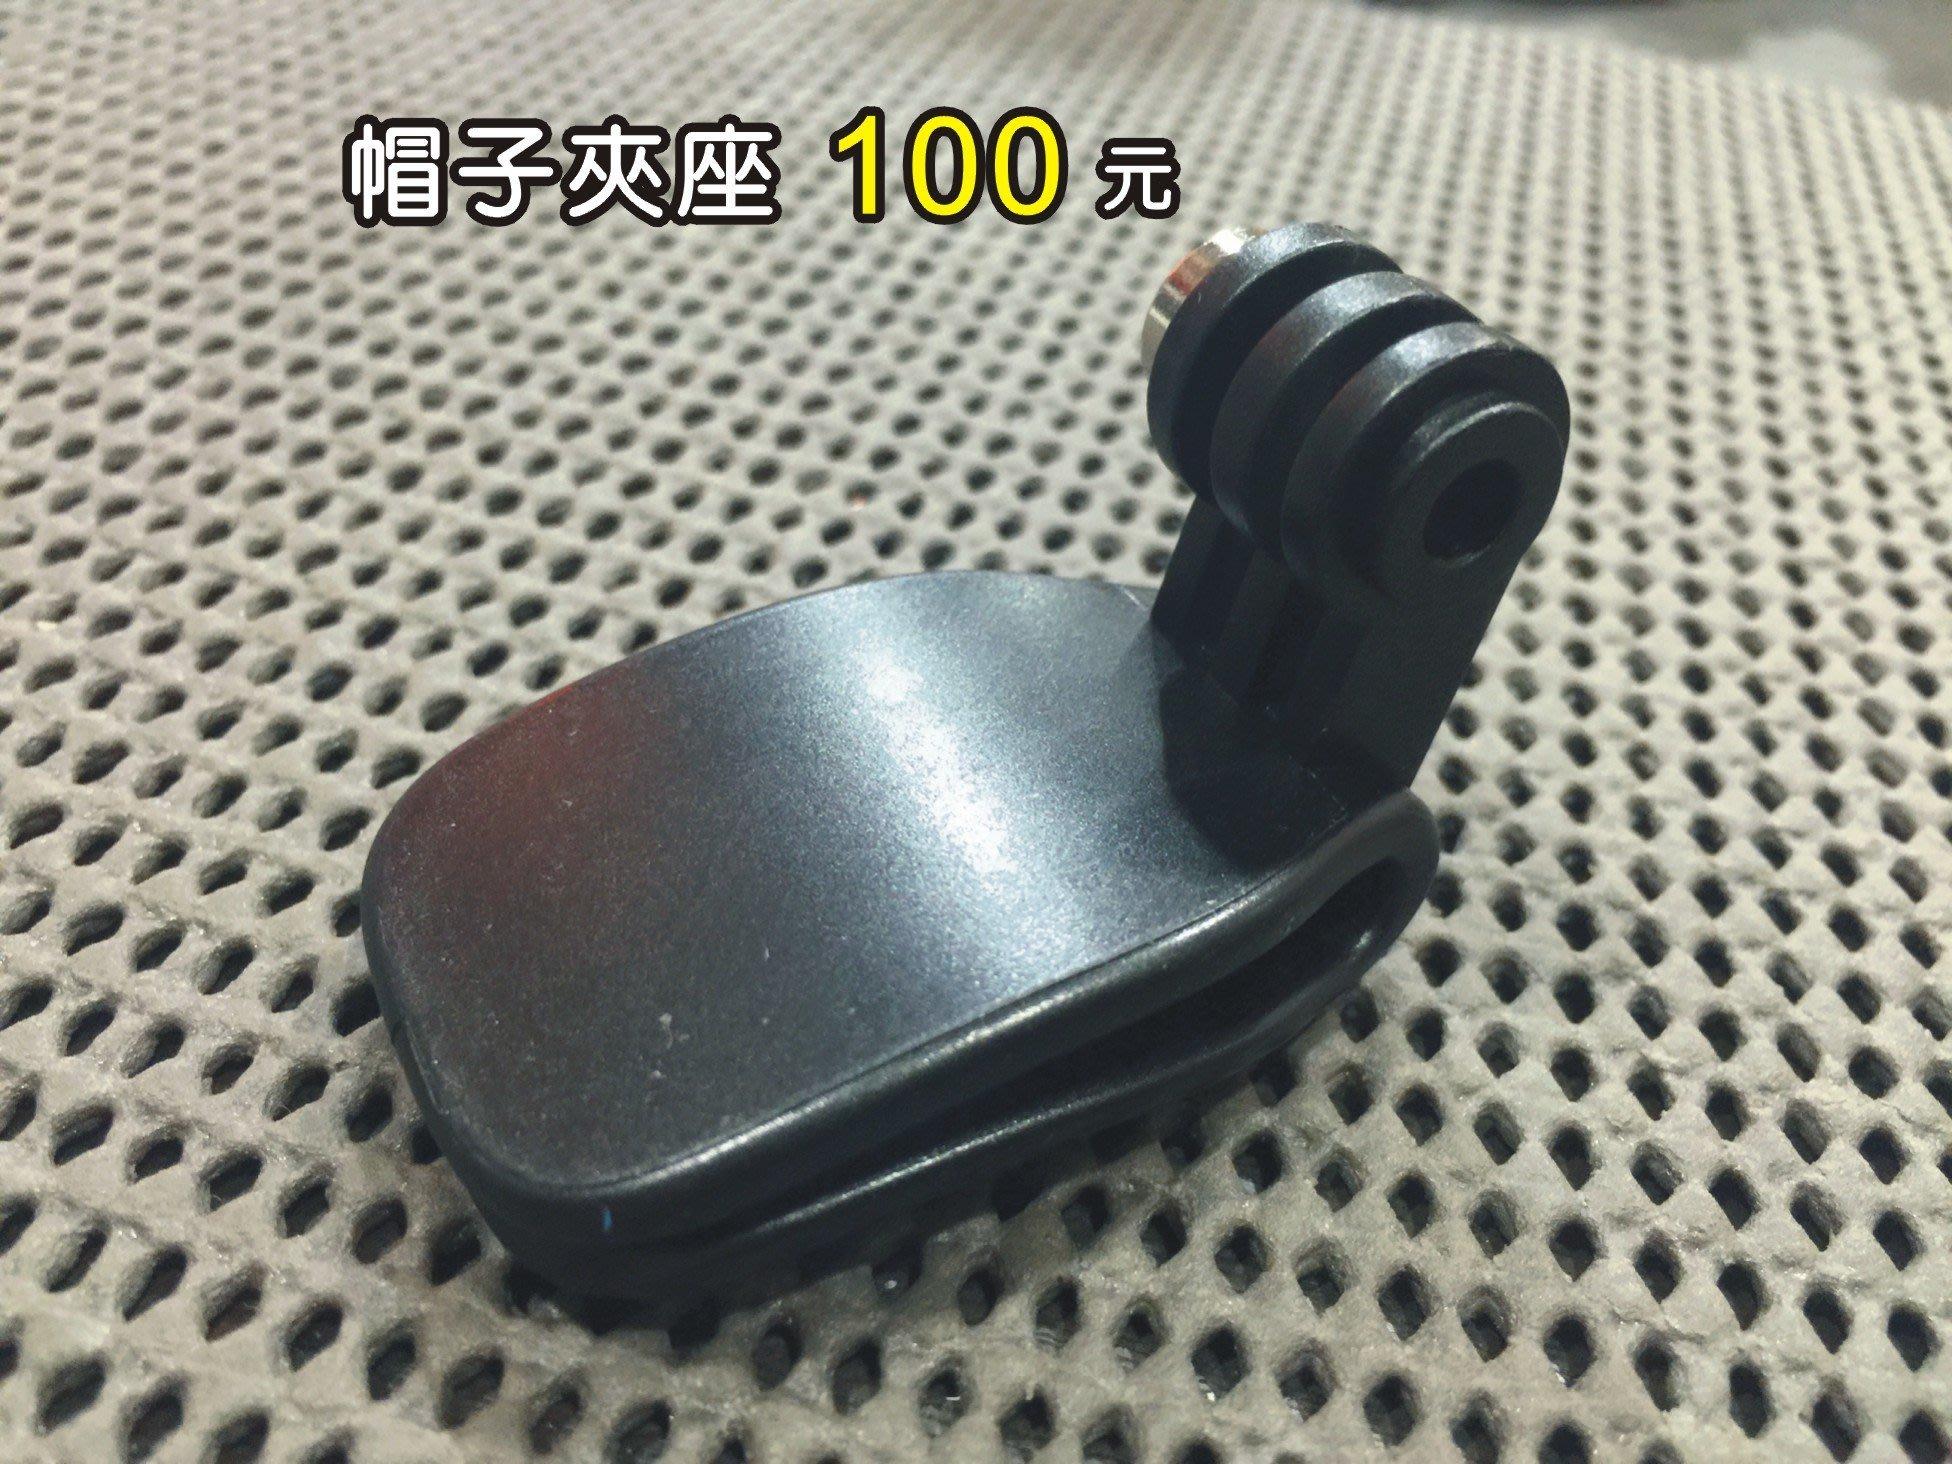 5mj.tw GOPRO 帽夾座 J型座 固定鎖 金屬 hero4 hero3 多角度固定組iphone 6s也可夾